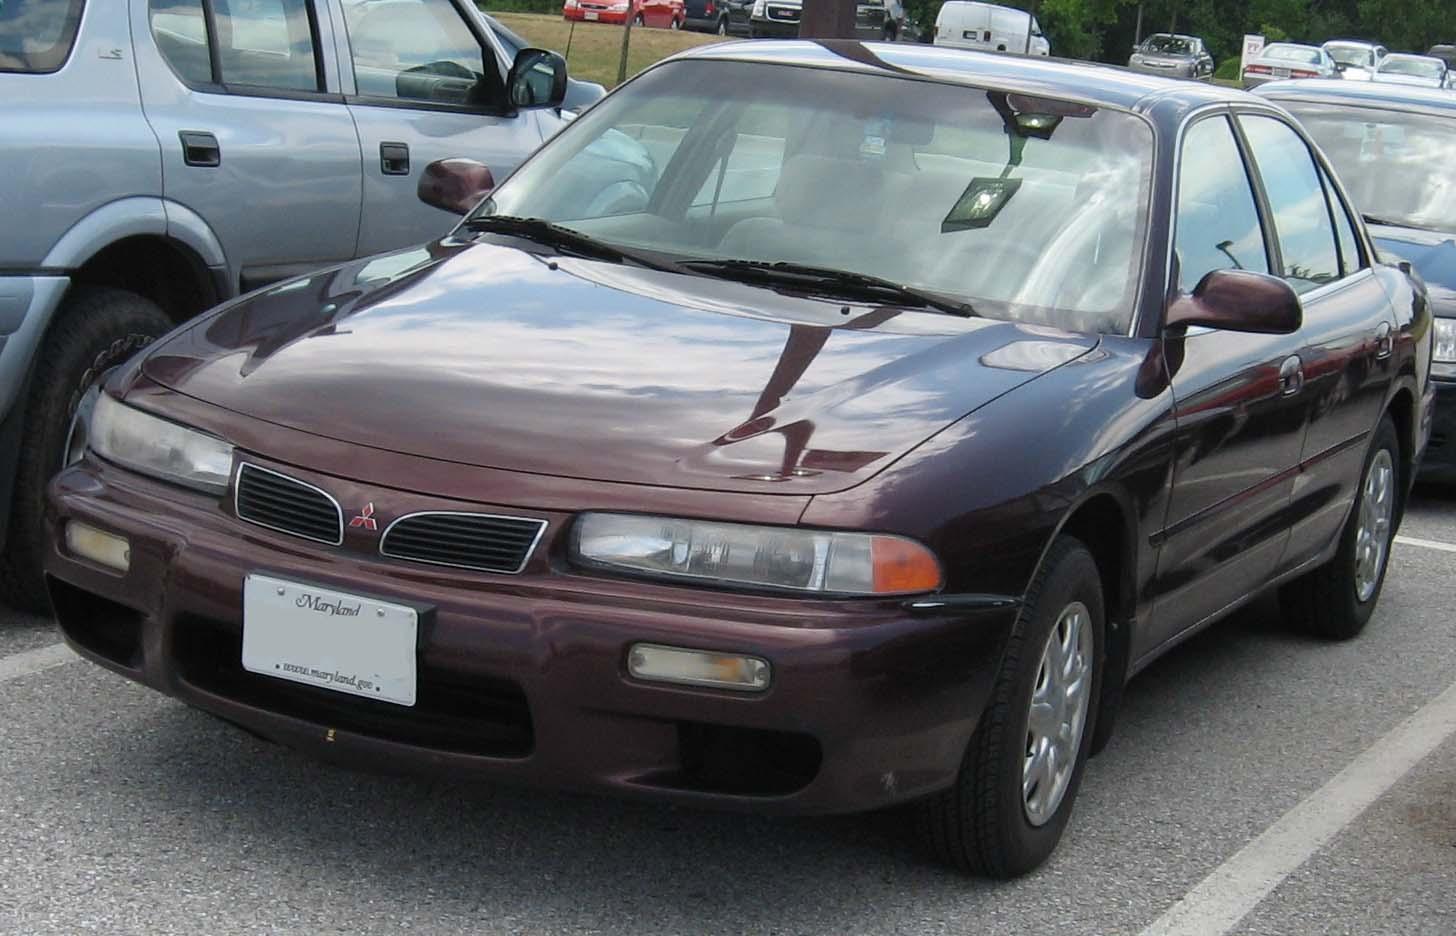 File:97-98 Mitsubishi Galant.jpg - Wikimedia Commons